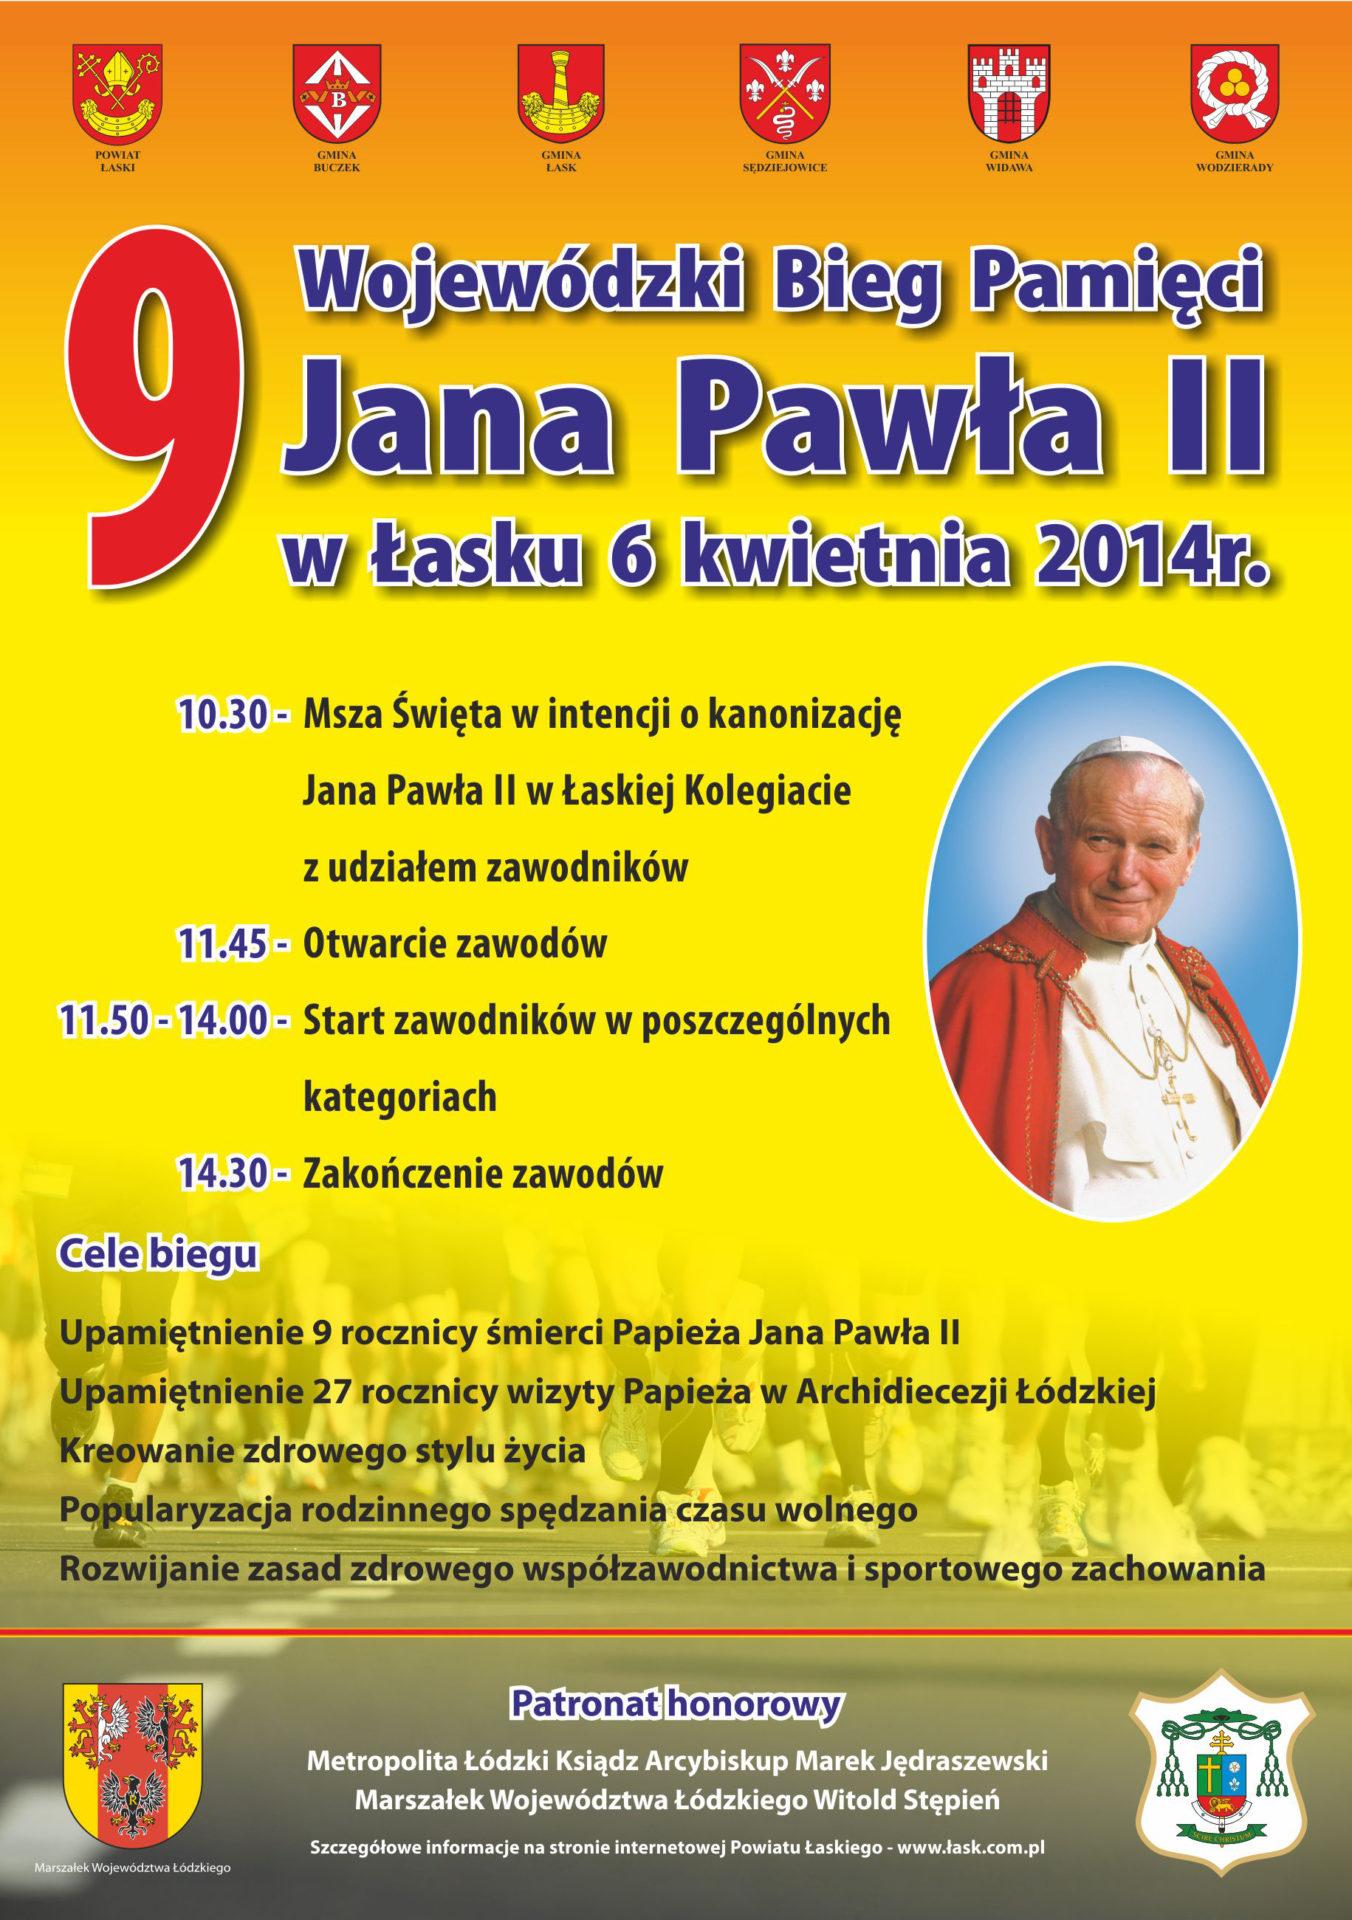 IX Wojewódzki Bieg Pamięci Jana Pawła II